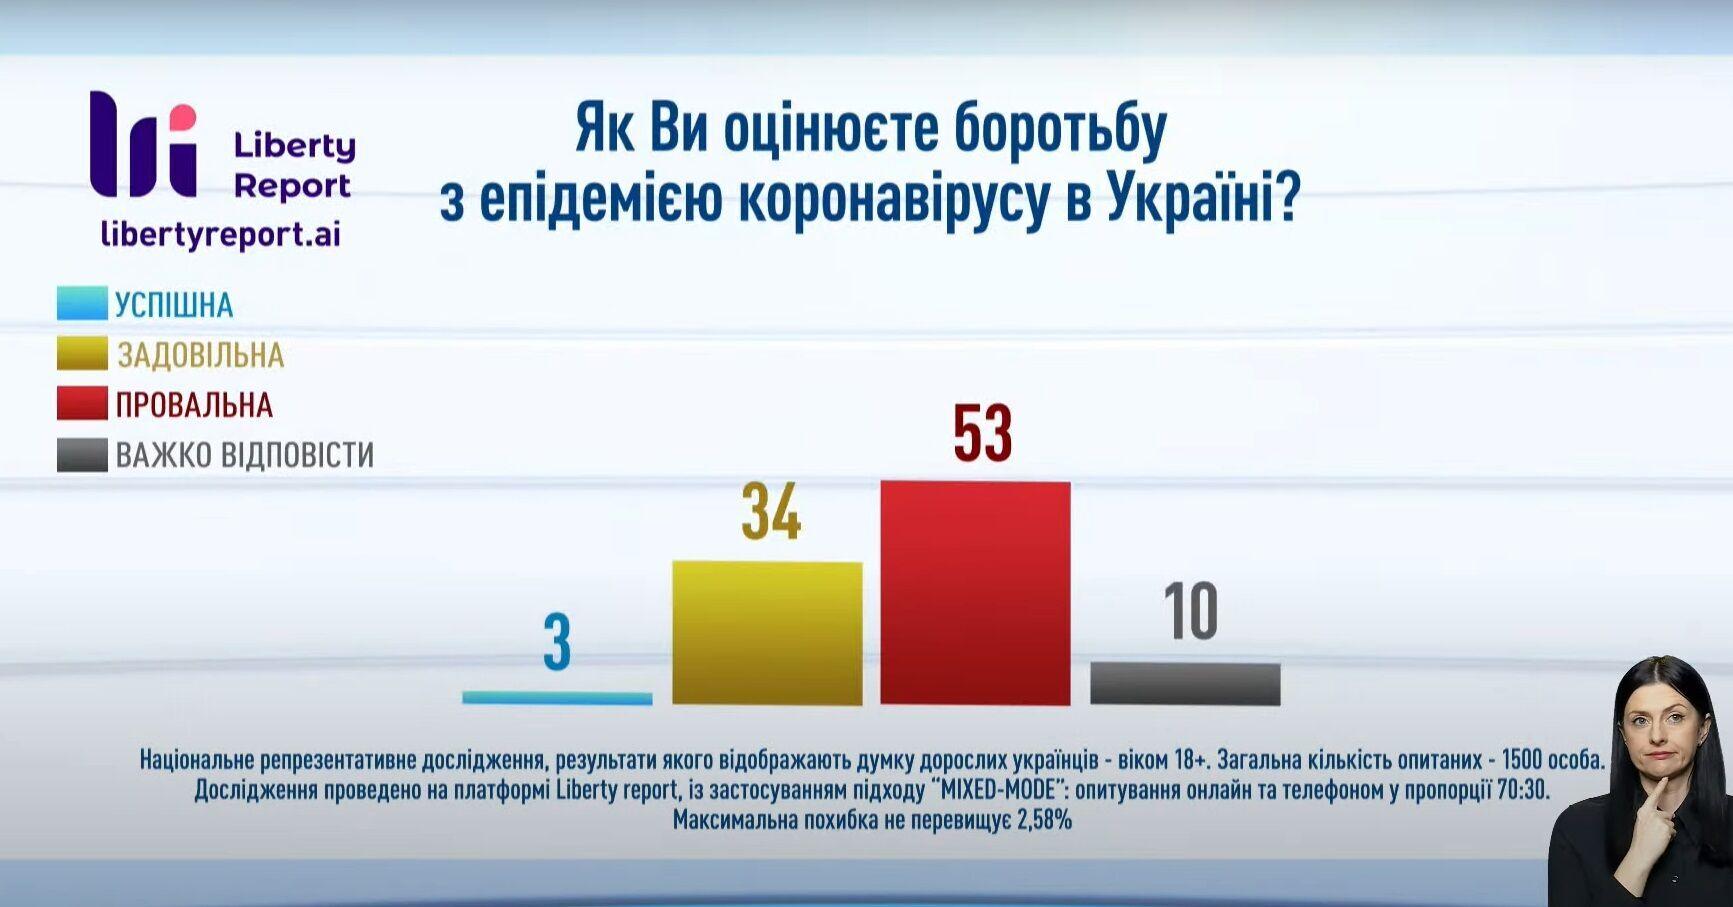 Українці вважають боротьбу з коронавірусом провальною.